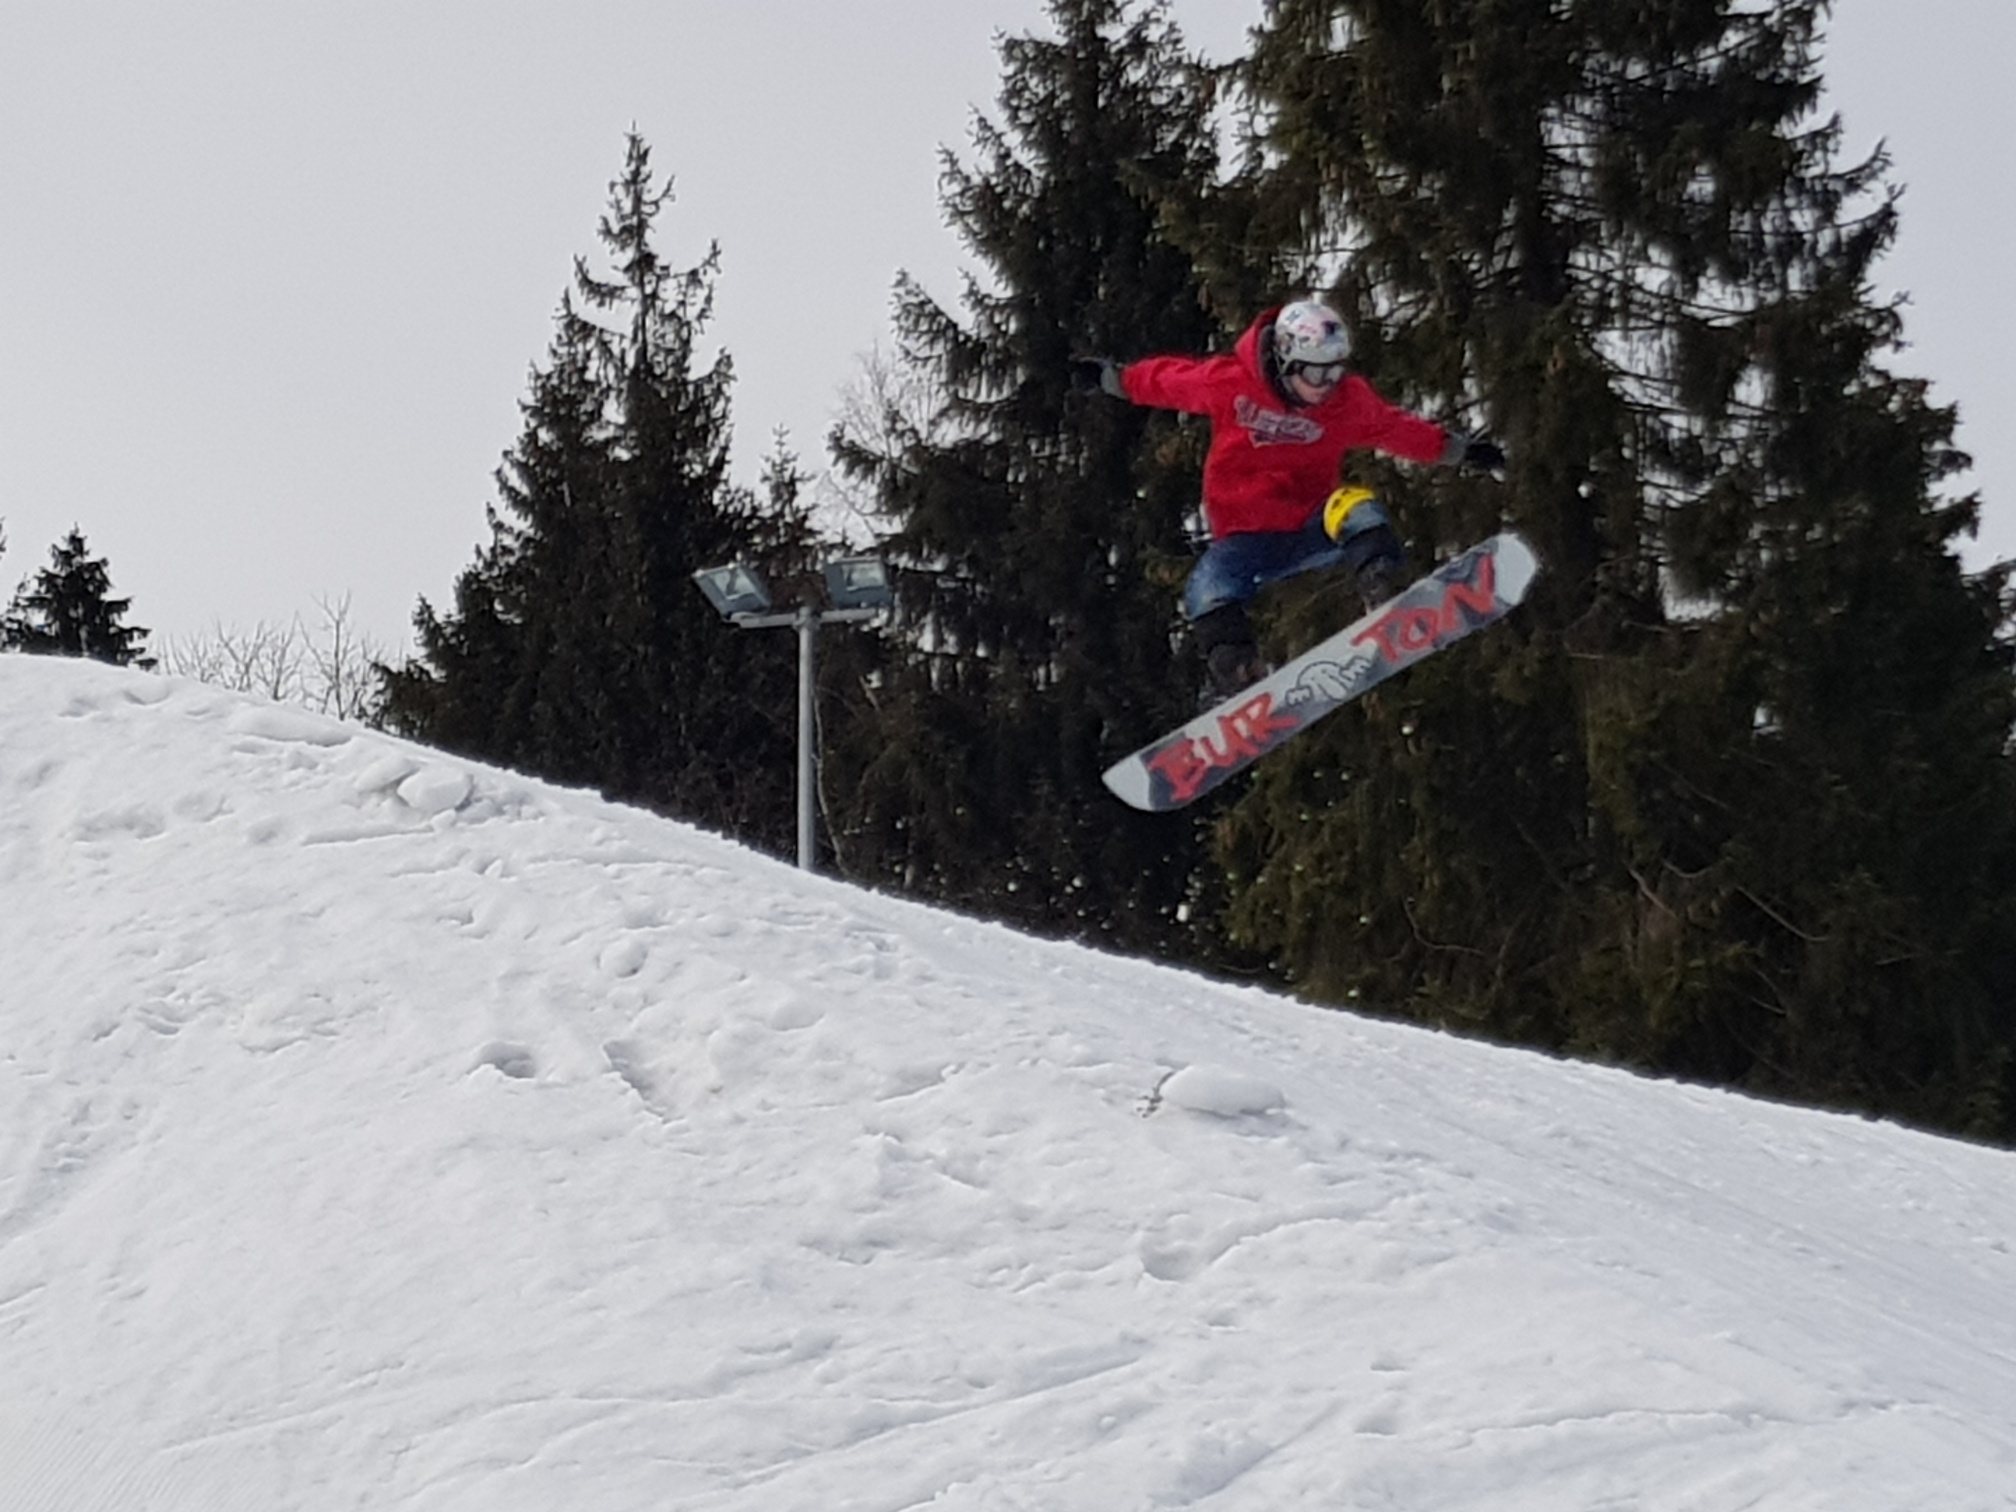 Tak ścigają się snowboardziści z zajawką [FOTO]